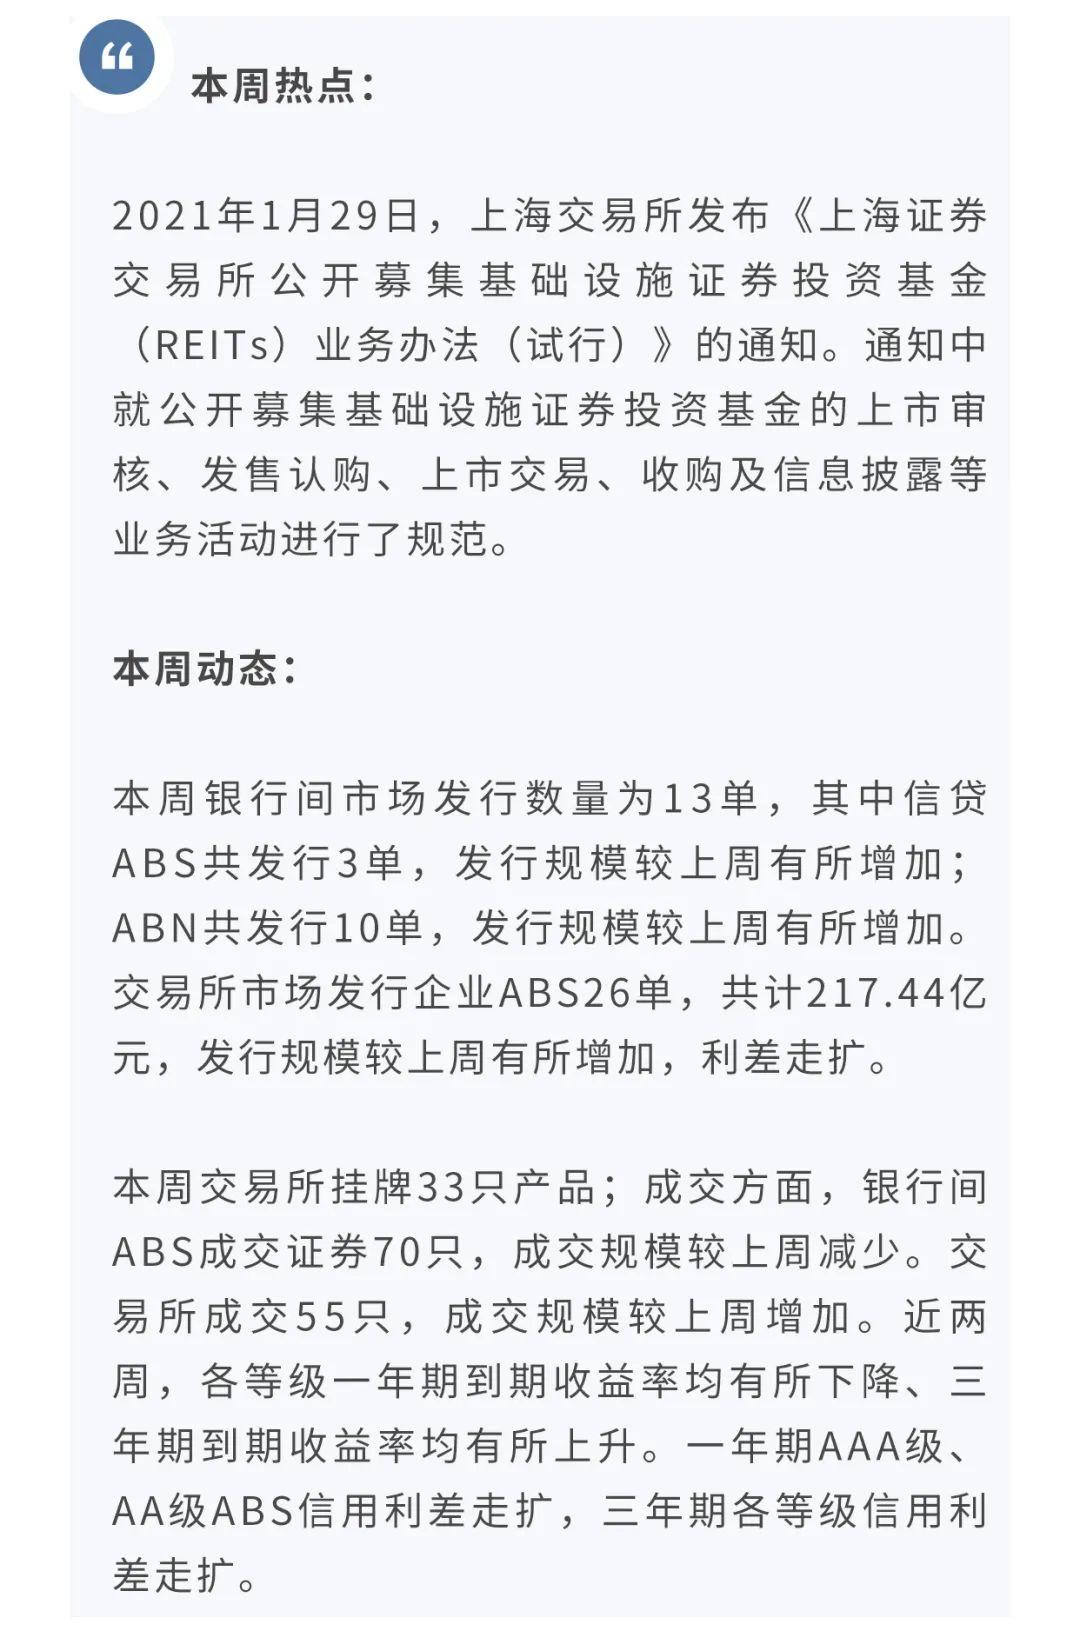 【今日推荐】【ABS周度观察】上交所发布公募REITs募集办法(2021年第4期)